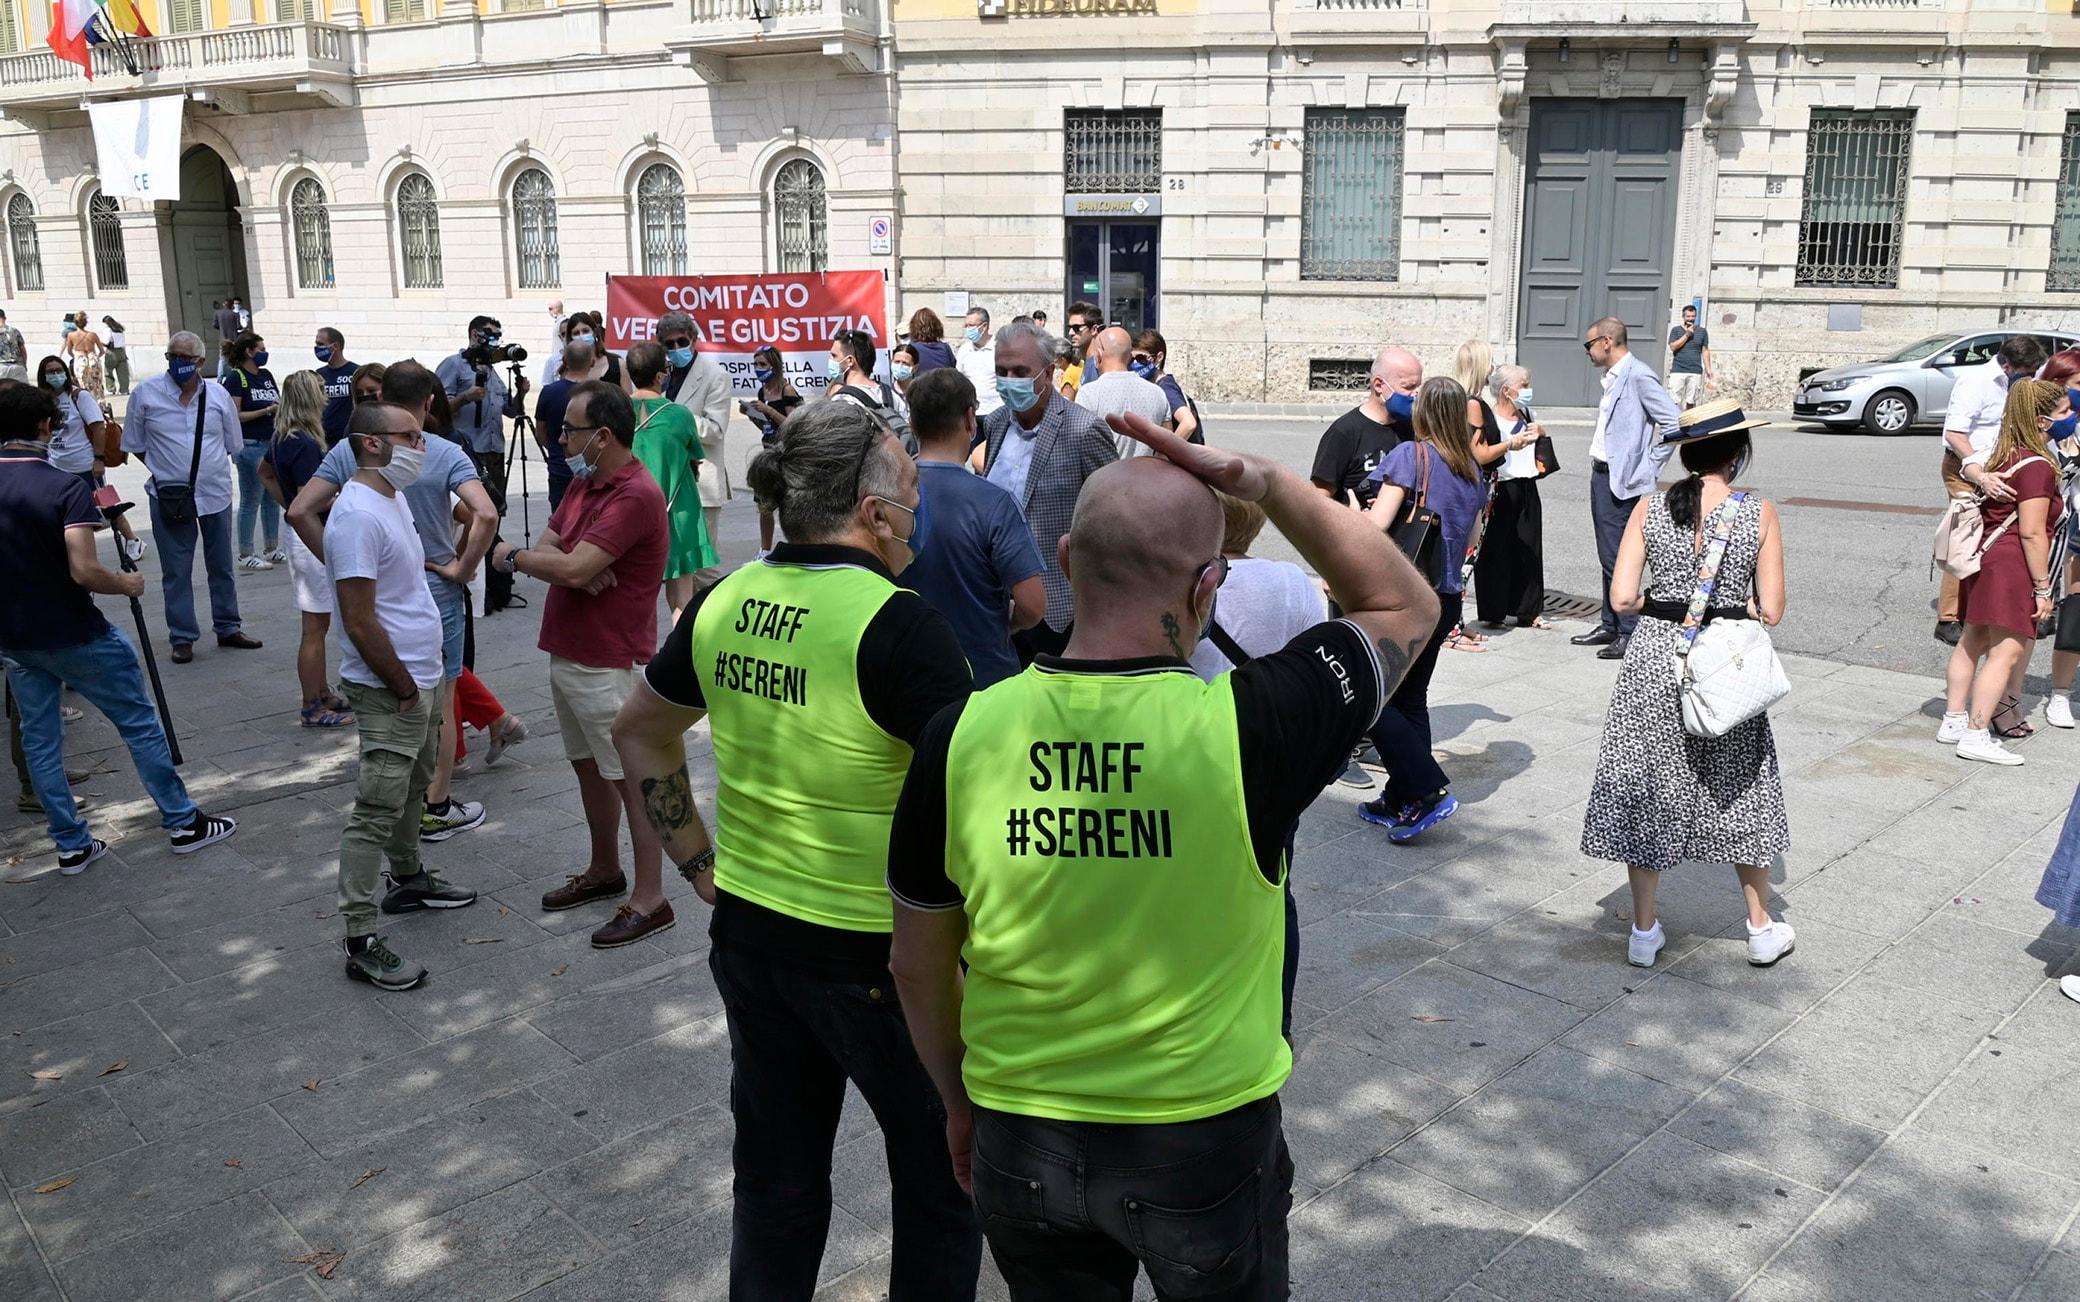 La protesta a Bergamo